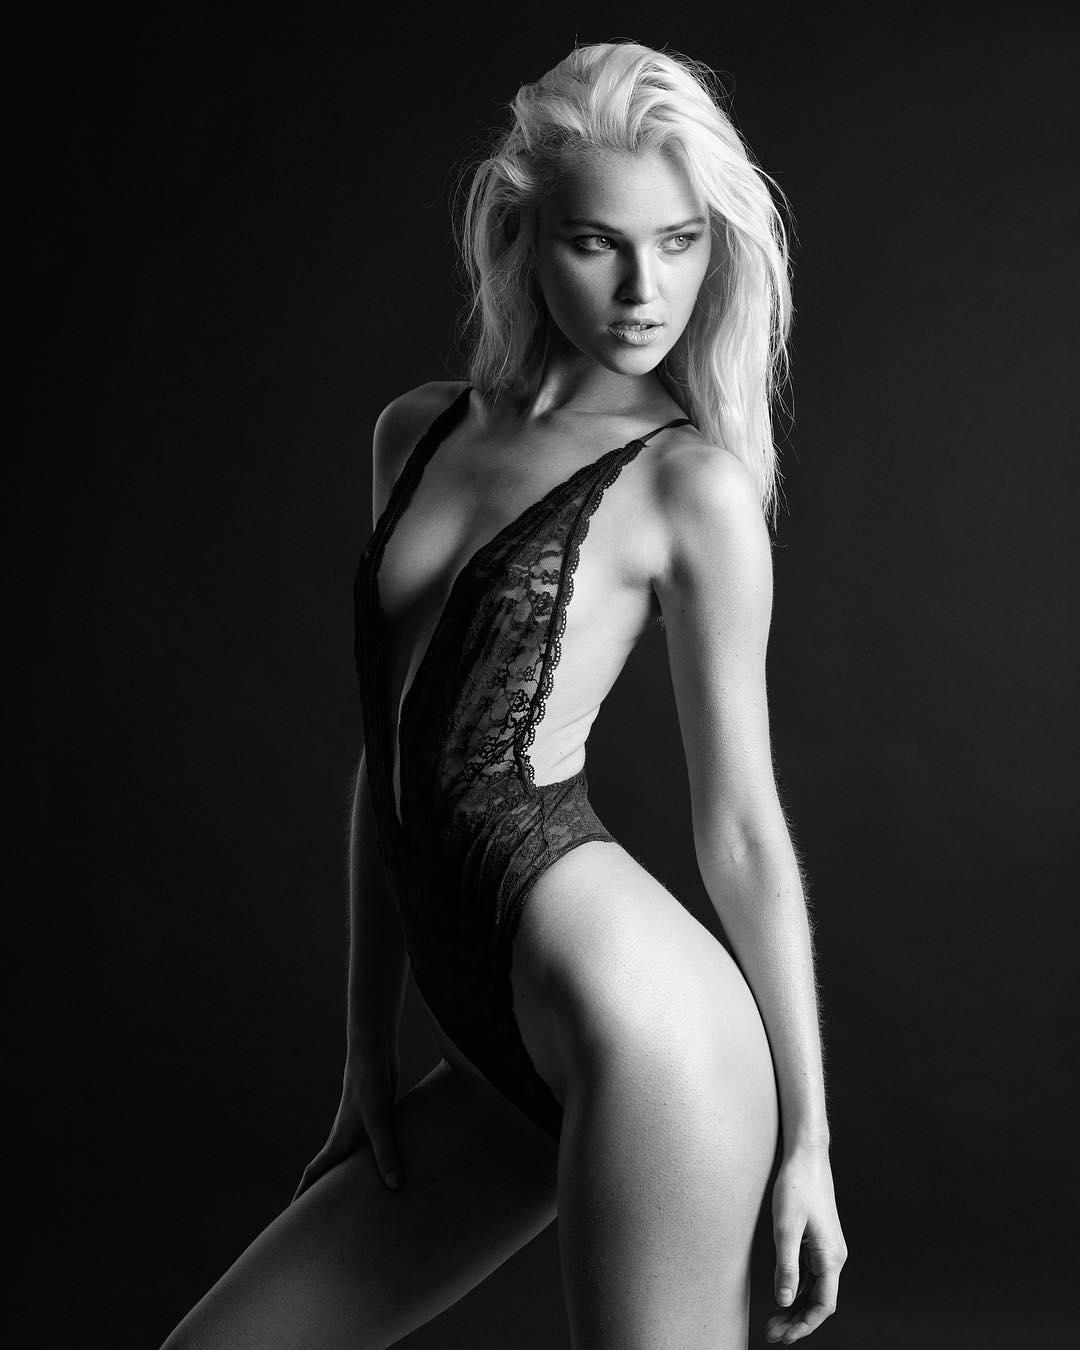 Selfie Alexa Reynen naked (69 photo), Ass, Cleavage, Twitter, butt 2019